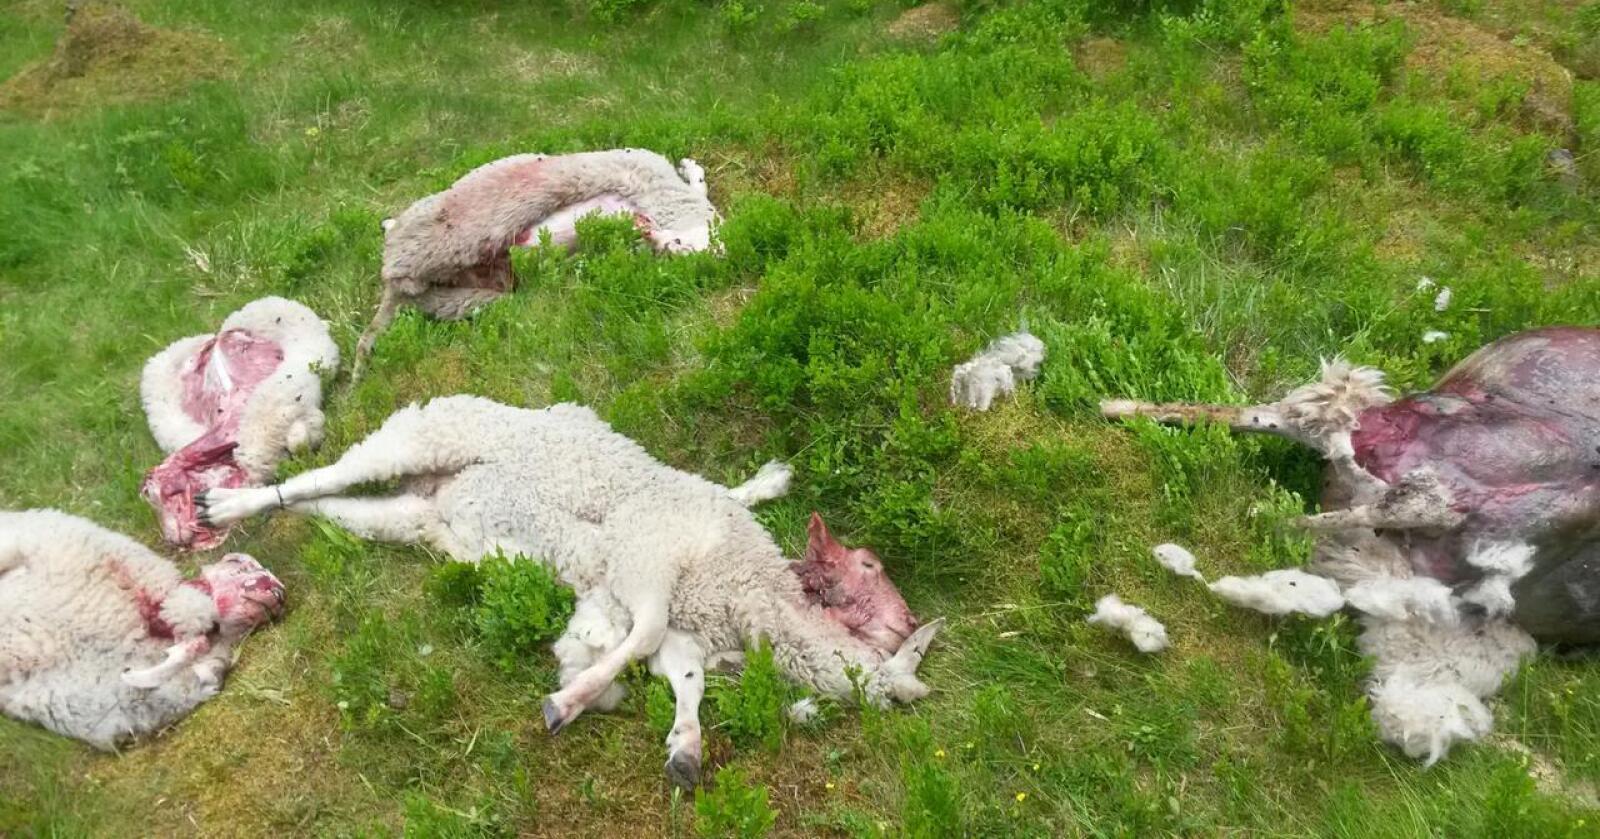 Sauene som ble angrepet, var inngjerdet av nye rovviltgjerder, men ulven hadde likevel kommet seg inn. Disse sauene ble drept av ulv i Eidsvoll i 2015. (Foto: Statens naturoppsyn)